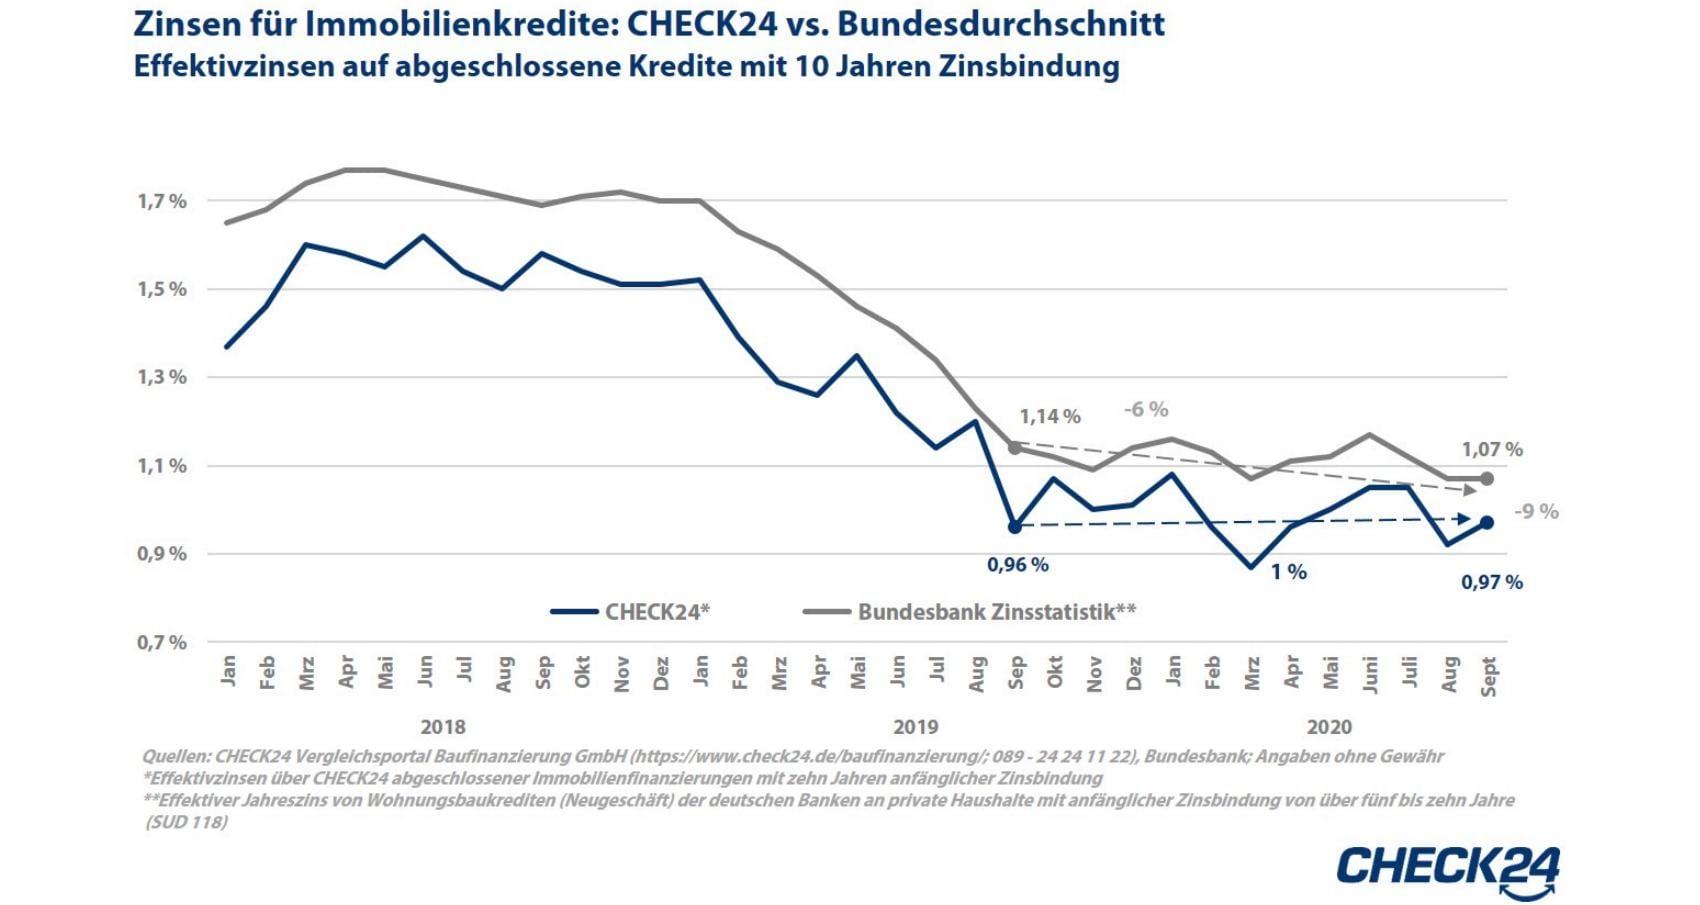 ZinsenCHECK24 Bundesbank